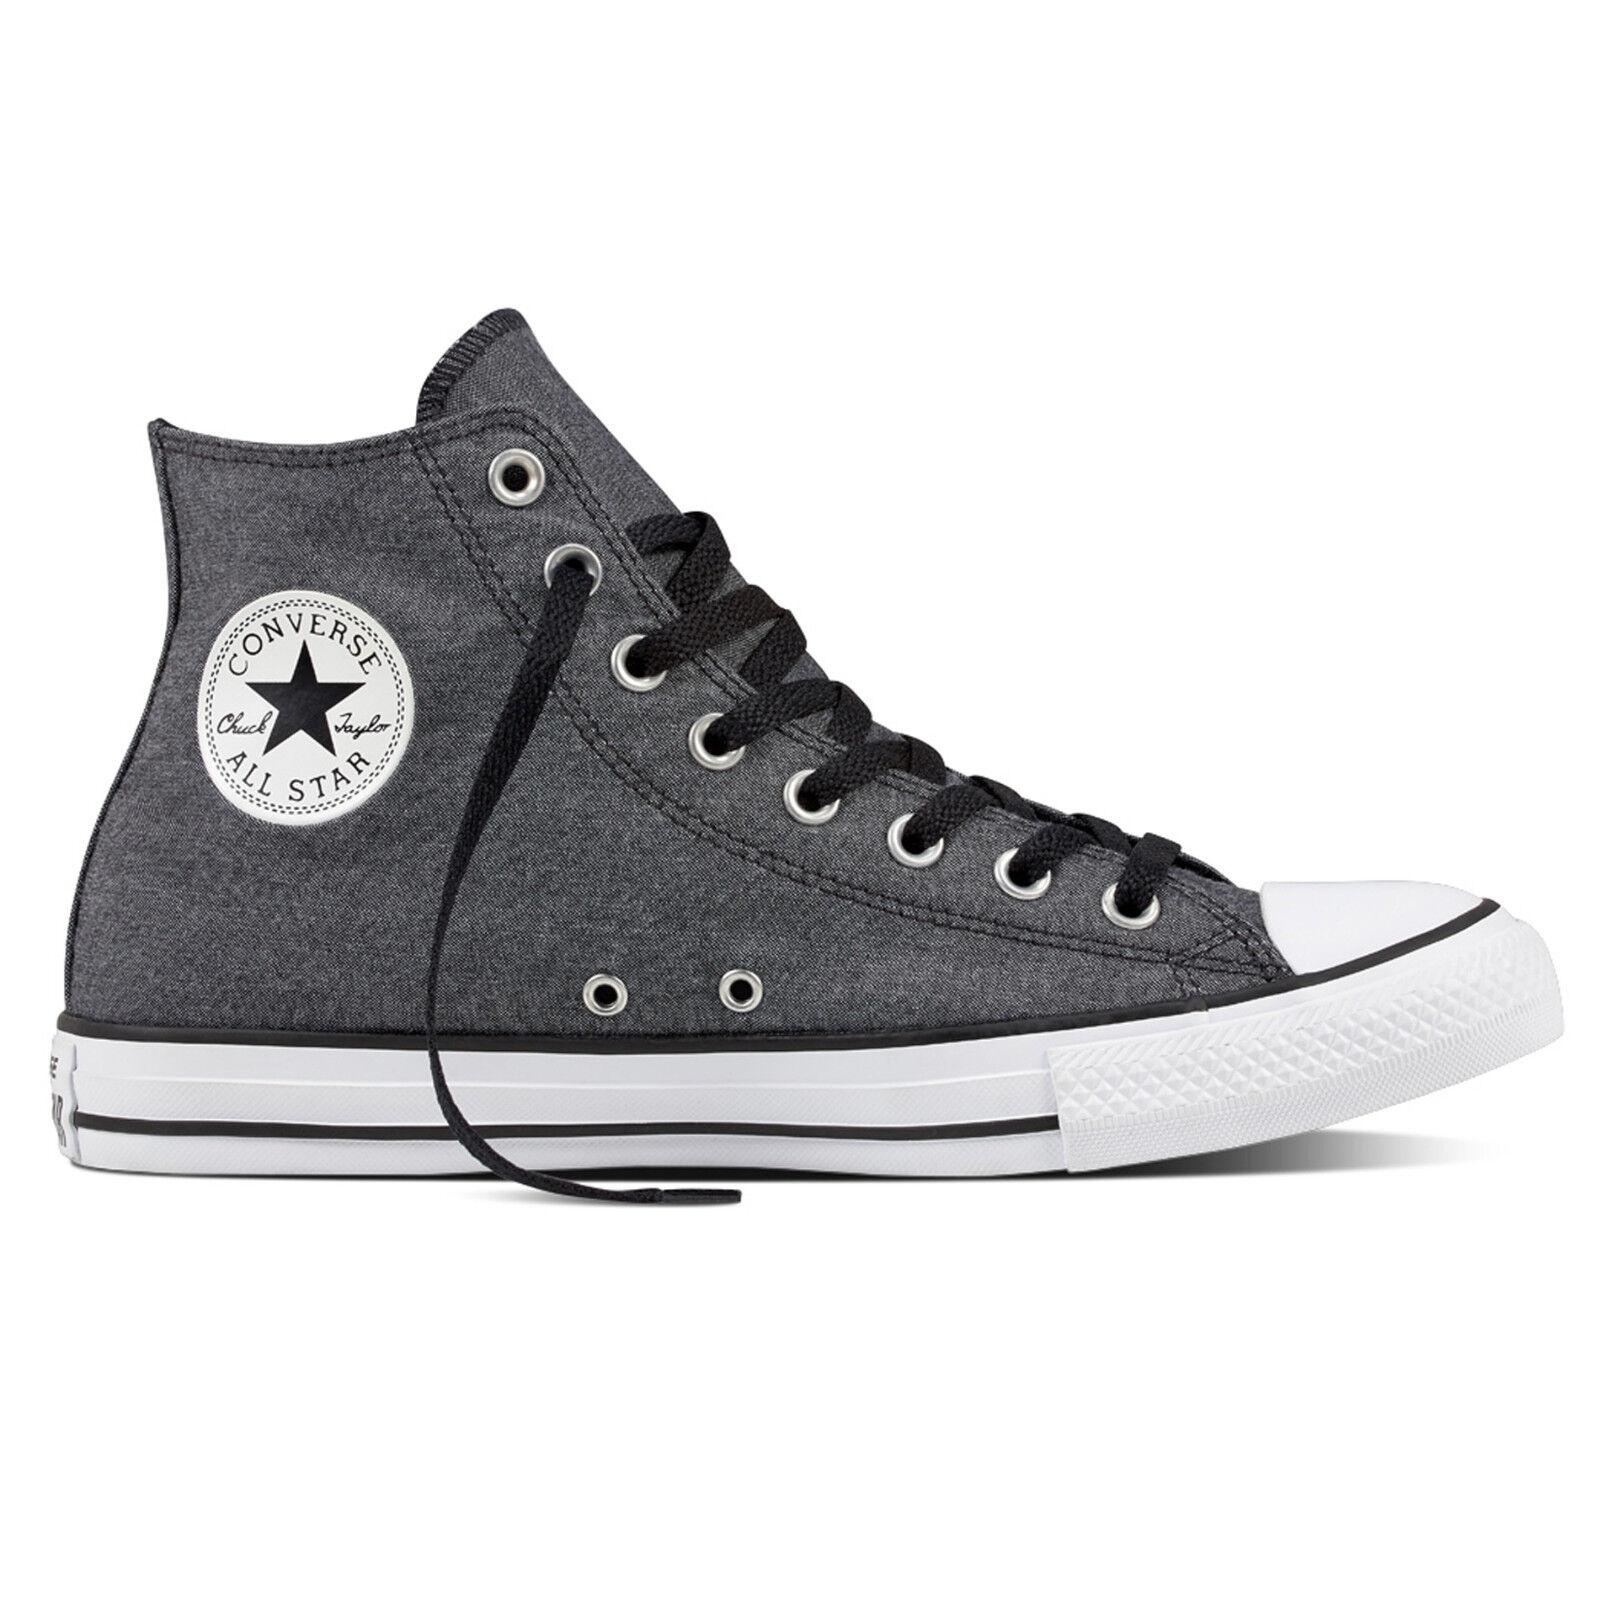 Converse All CTAS HI chambray Negro/Blanco/Negro Chuck Taylor All Converse Star HI Zapatos Chuc d28b0e